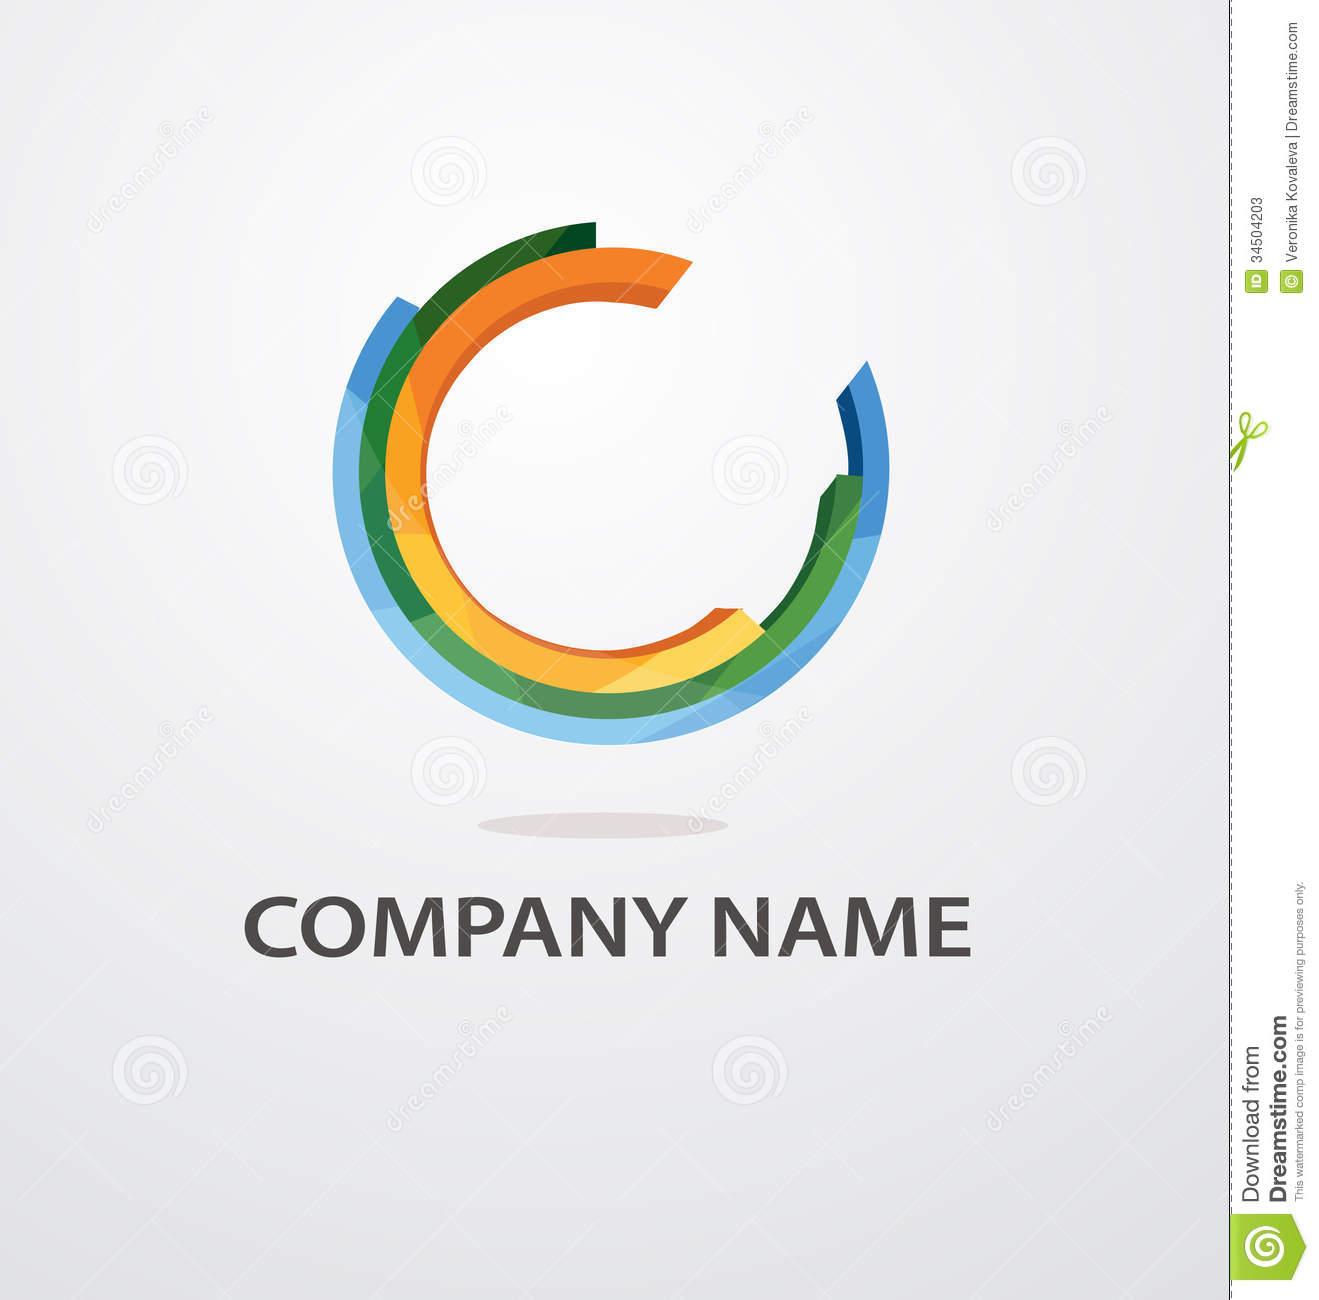 Logo Shapes Vector Art amp Graphics  freevectorcom